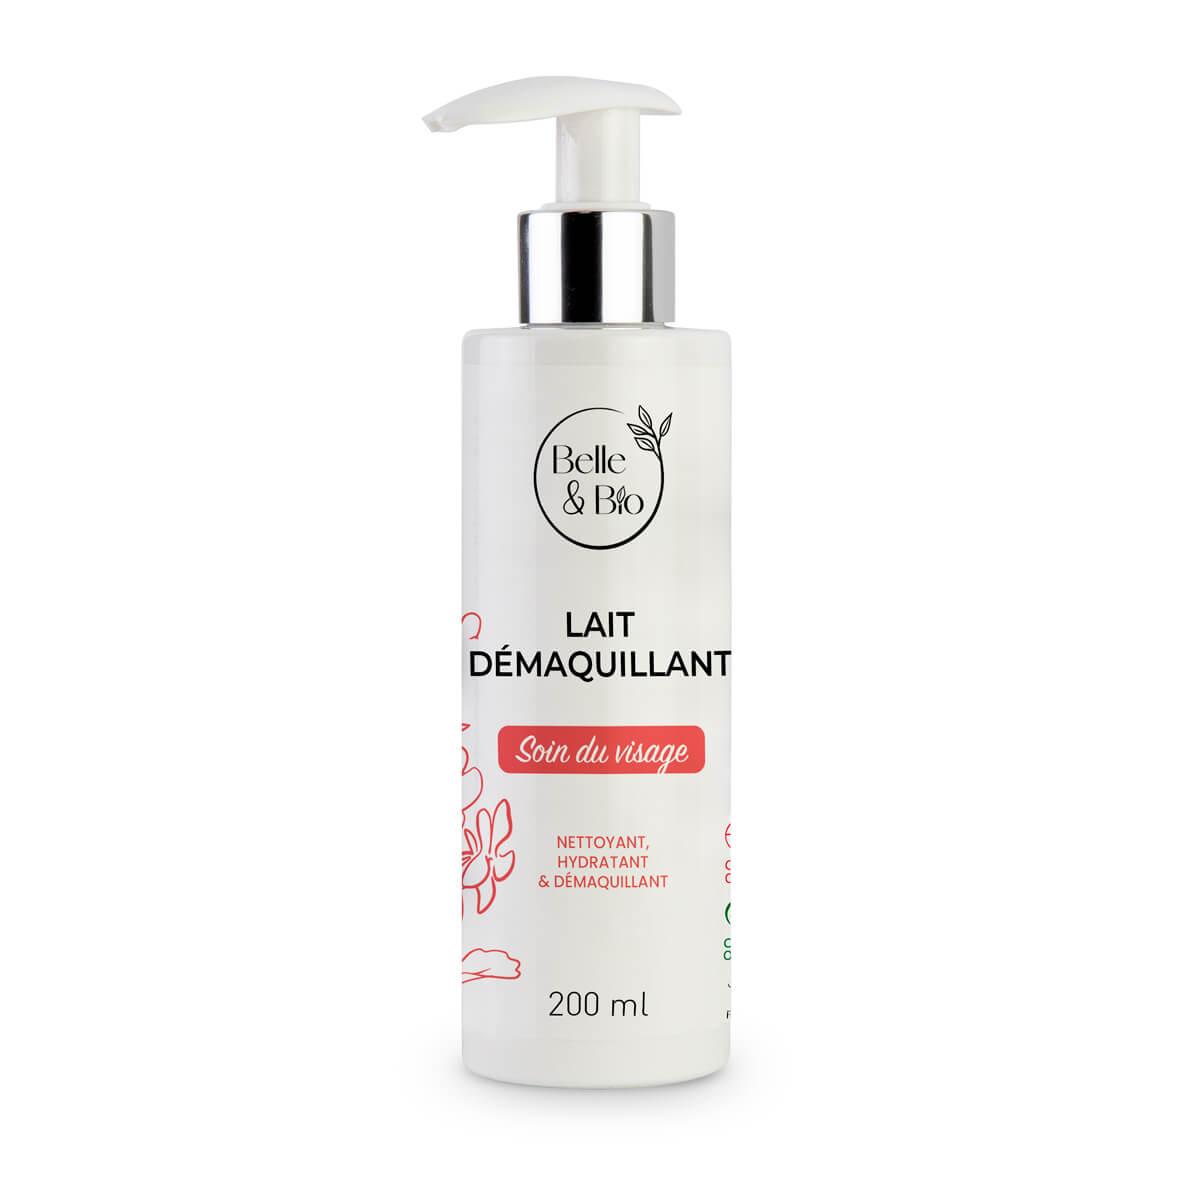 Belle & Bio - Lait Démaquillant - 200ml - Certifié Cosmos par Ecocert